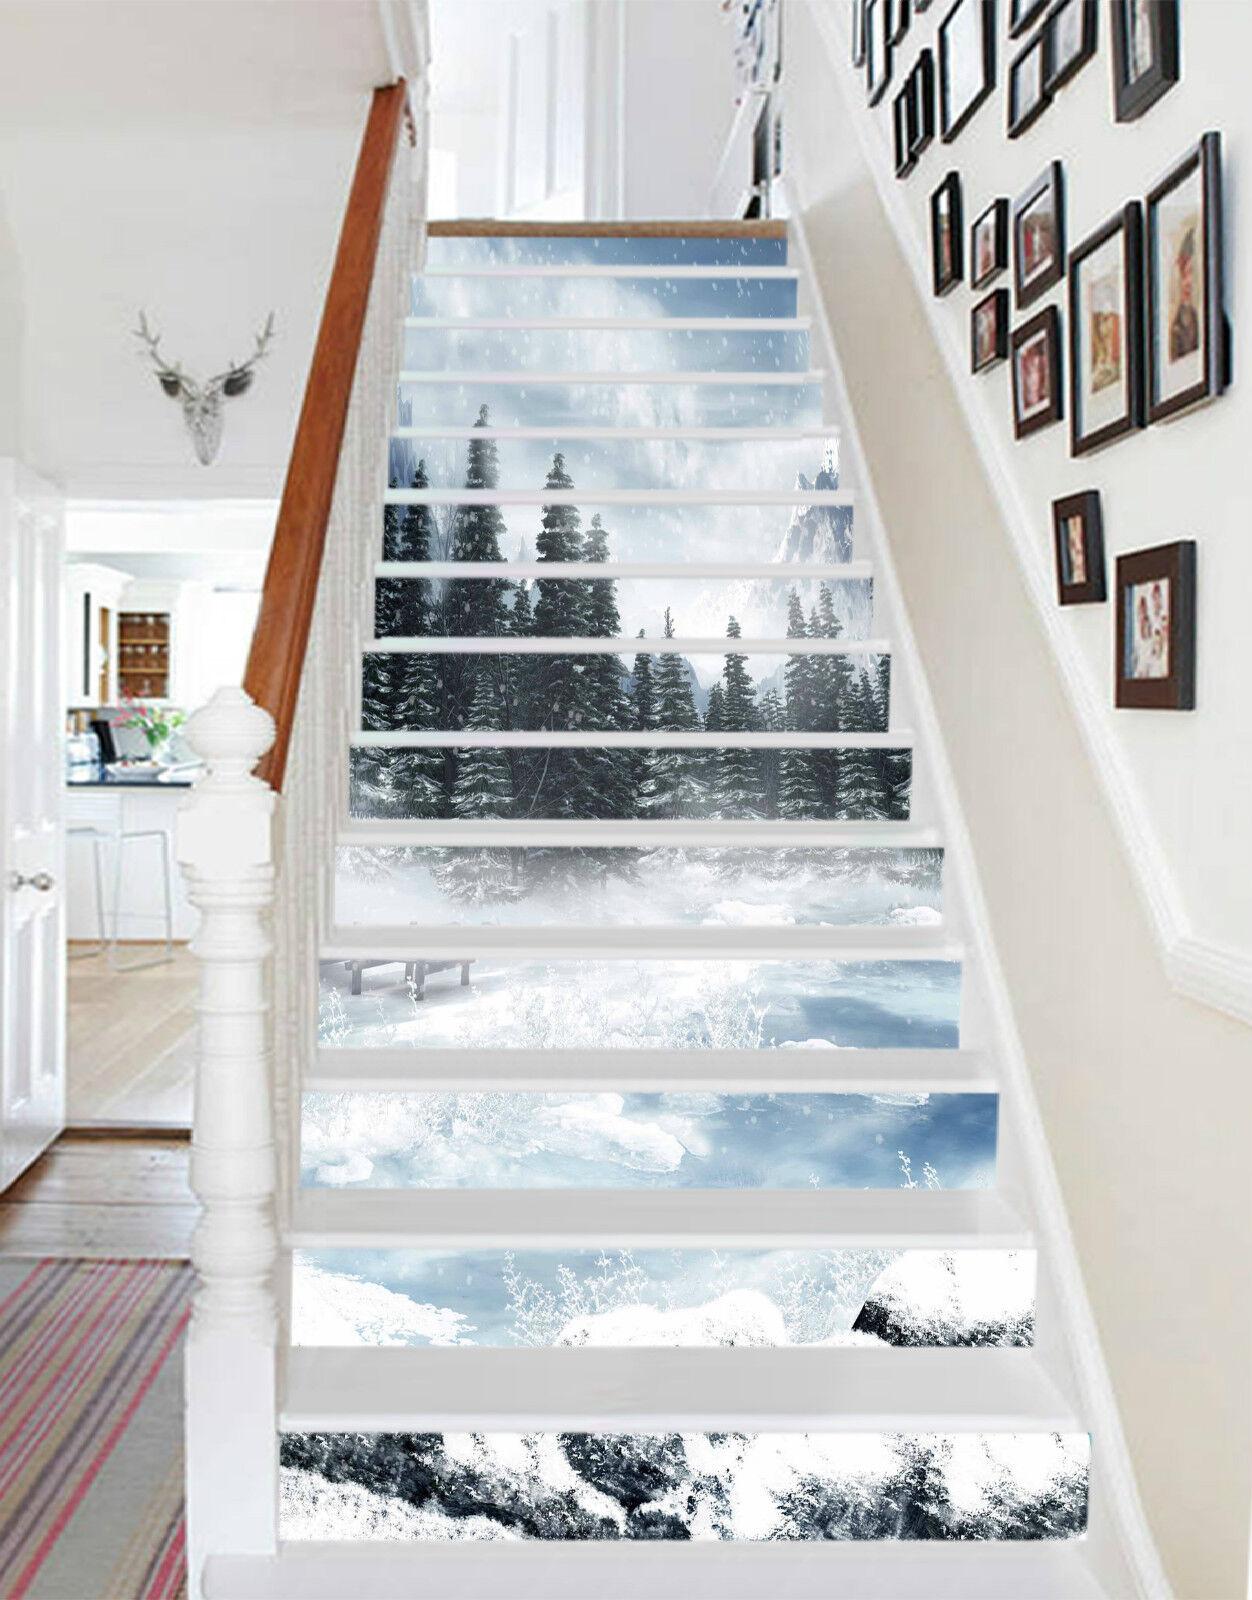 3D Schöne Schnee 28 Stair Risers Dekoration Fototapete Vinyl Aufkleber Tapete DE